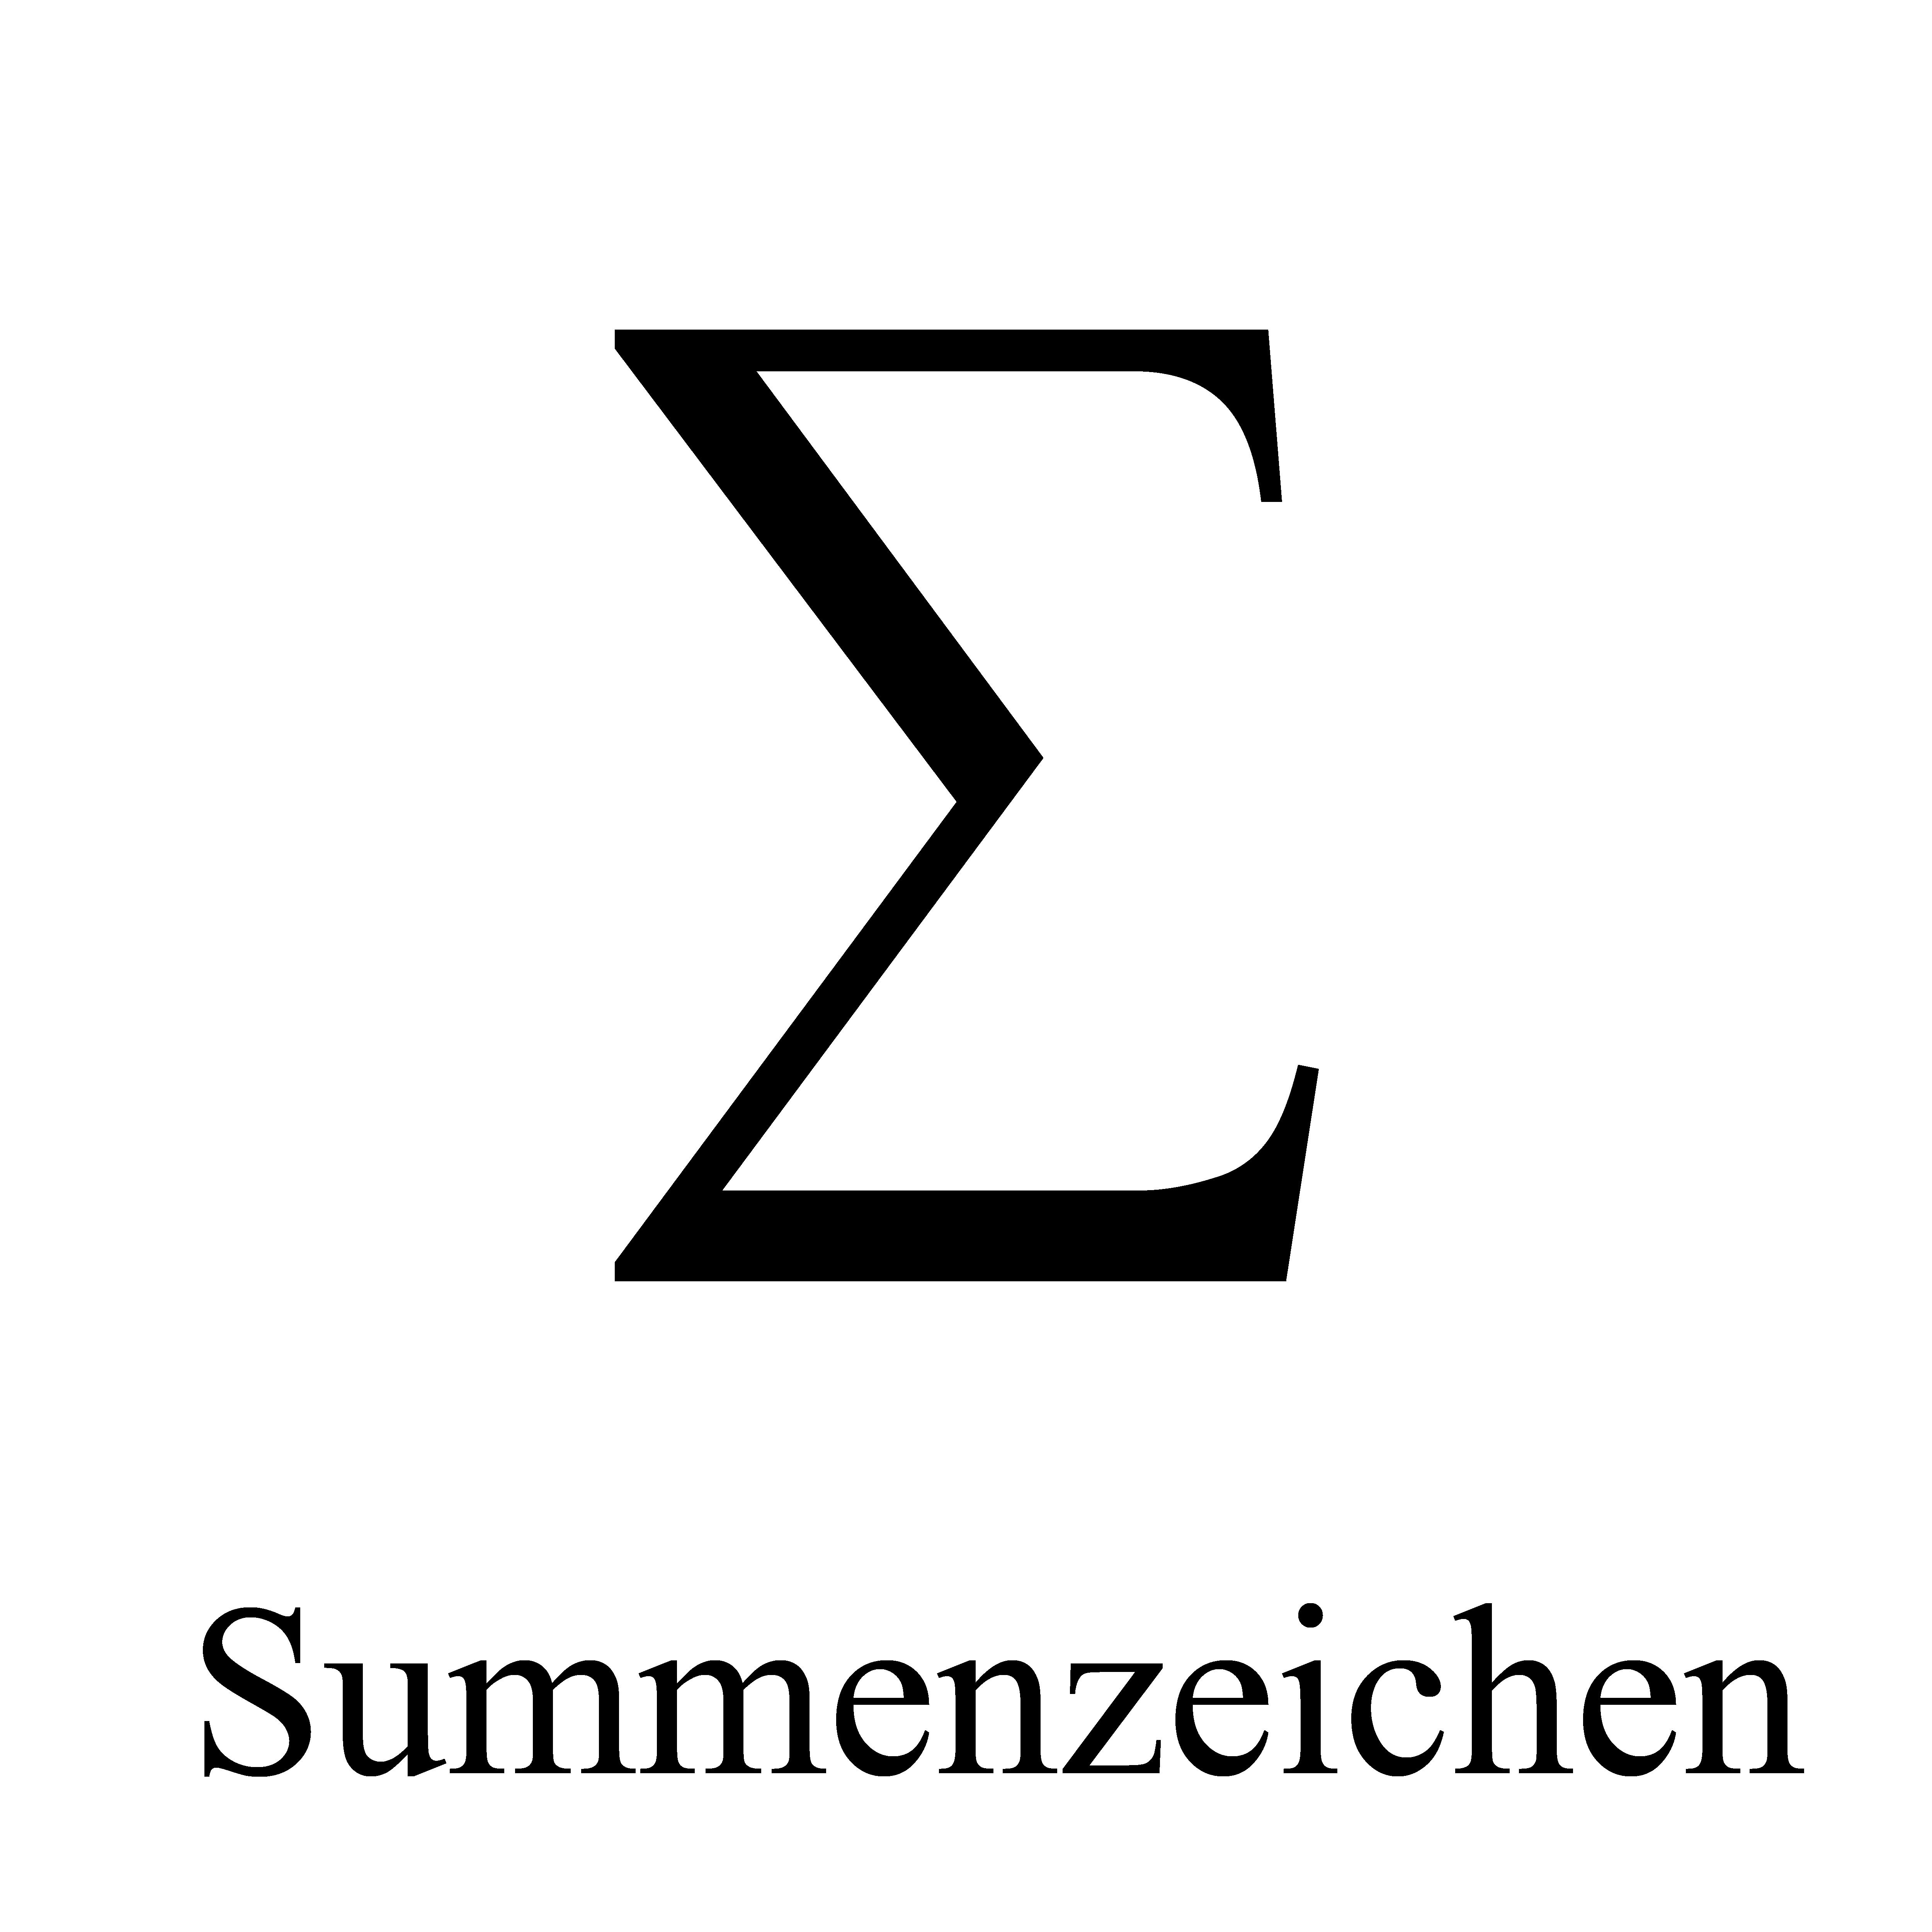 Tastaturkürzel Für Mathematische Zeichen